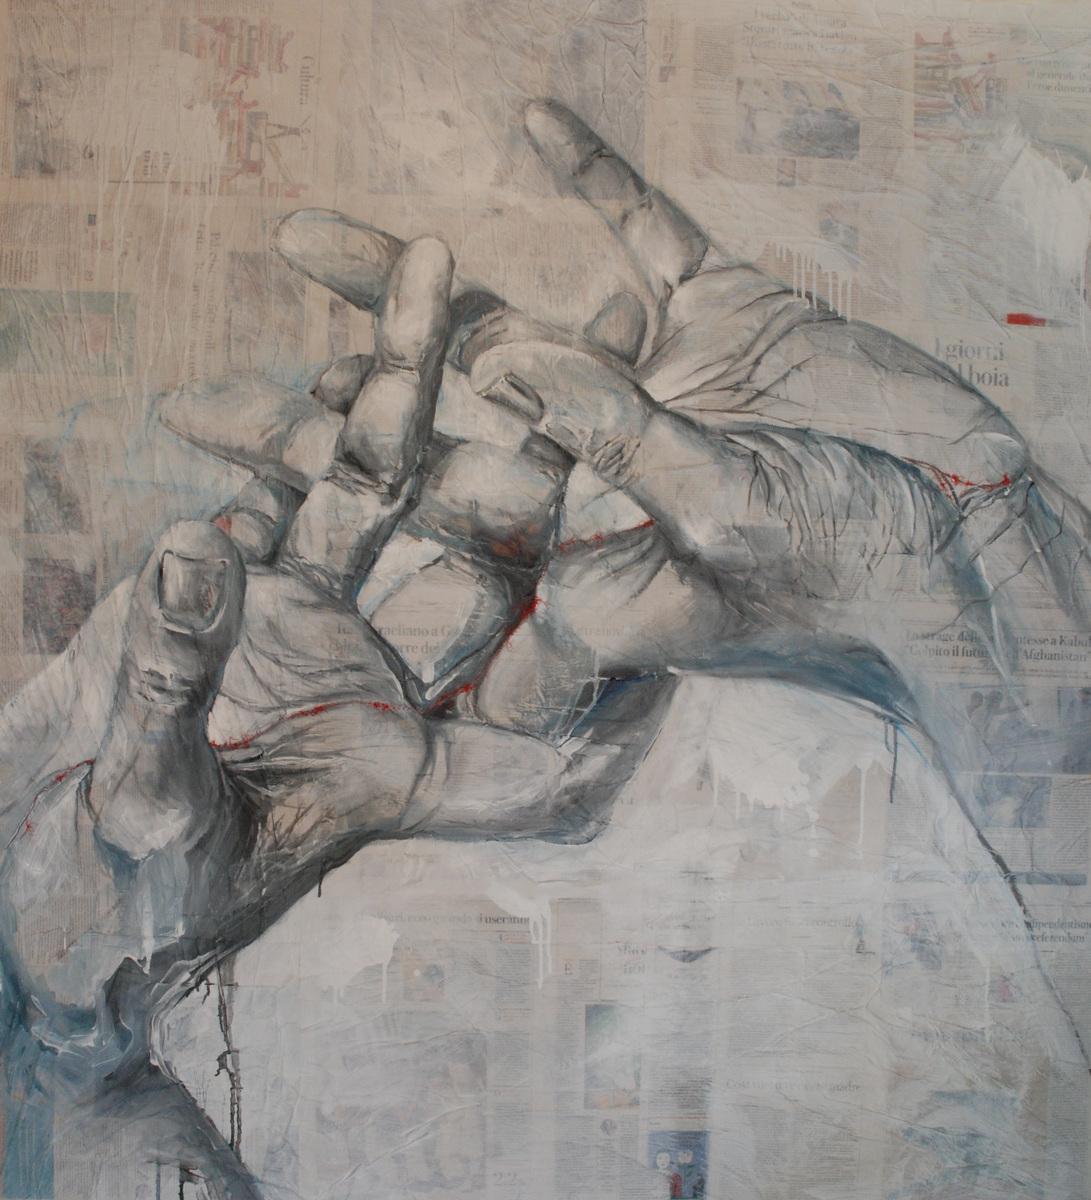 Martina Dalla Stella - Rammendi, tecnica mista su carta su tela, 170x150 cm, 2021